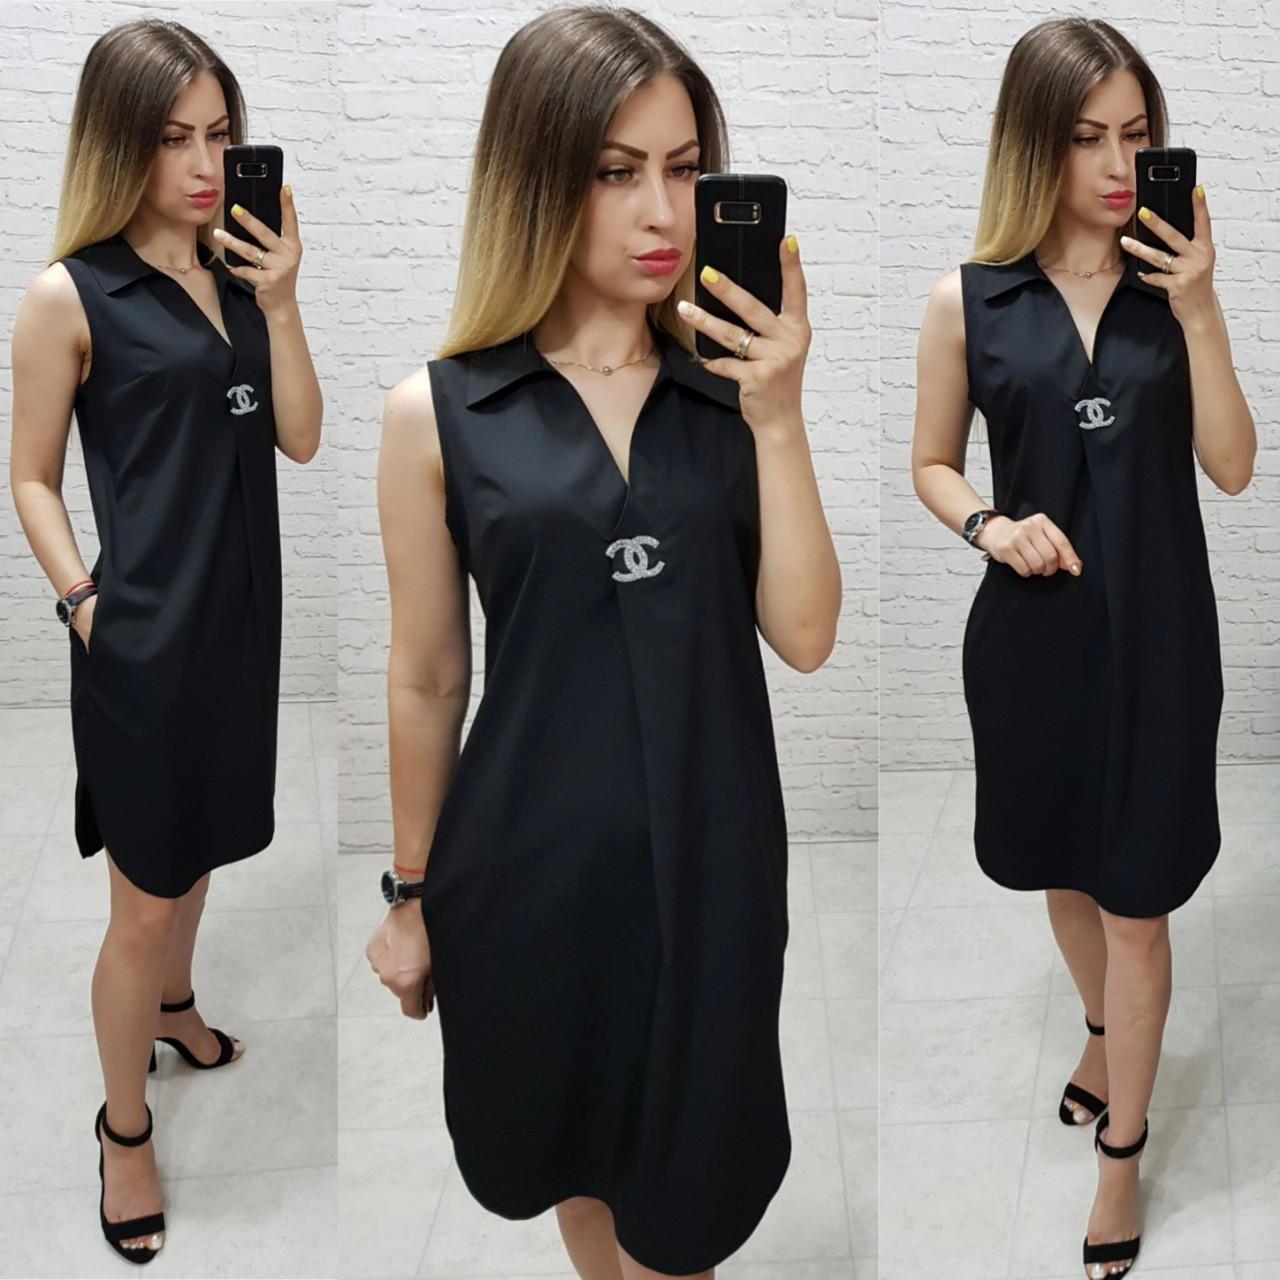 Платье / сарафан с брошью и карманами, арт 167,  цвет чёрный